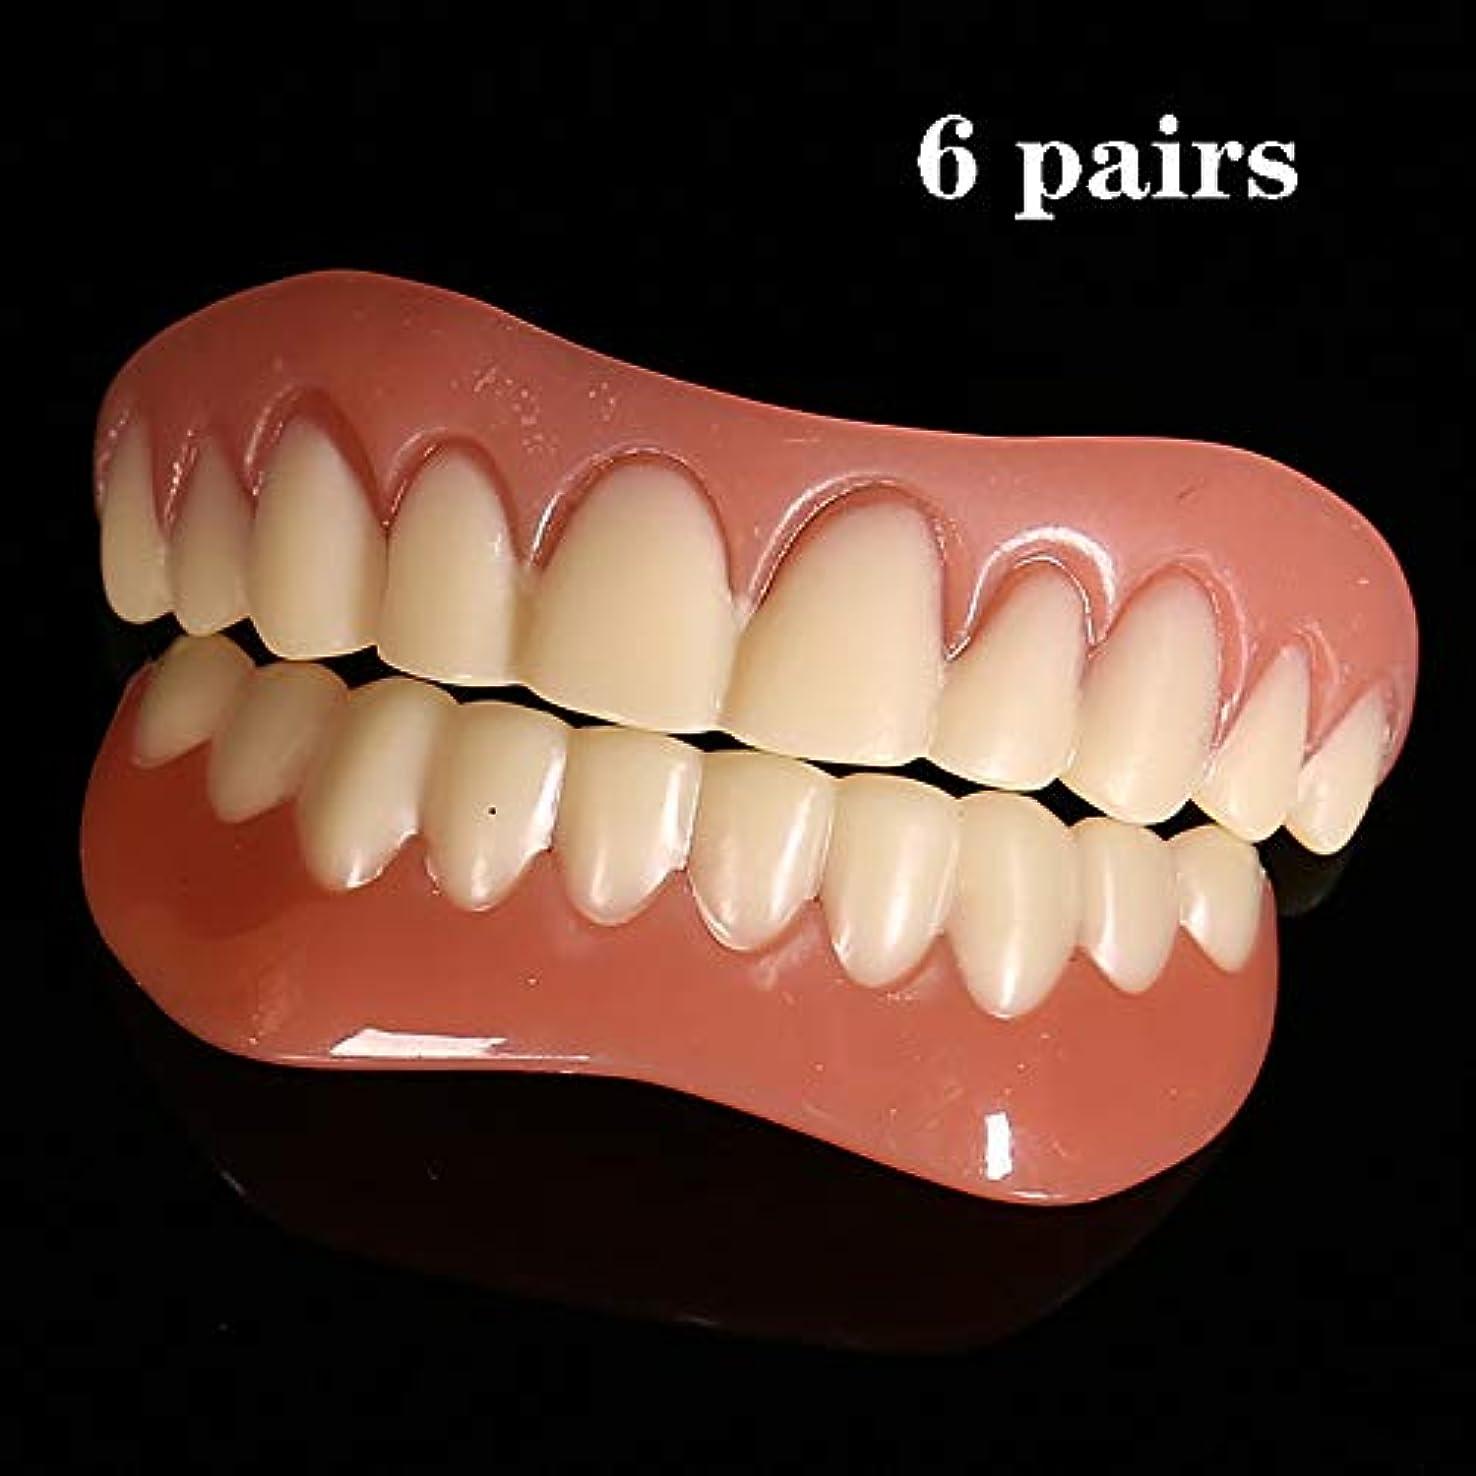 歯のベニヤ化粧品の歯スナップオンセキュア6ペア上下の快適さフィット歯のベニヤセキュアインスタントスマイル化粧品ワンサイズ全ての義歯ケアツールにフィット